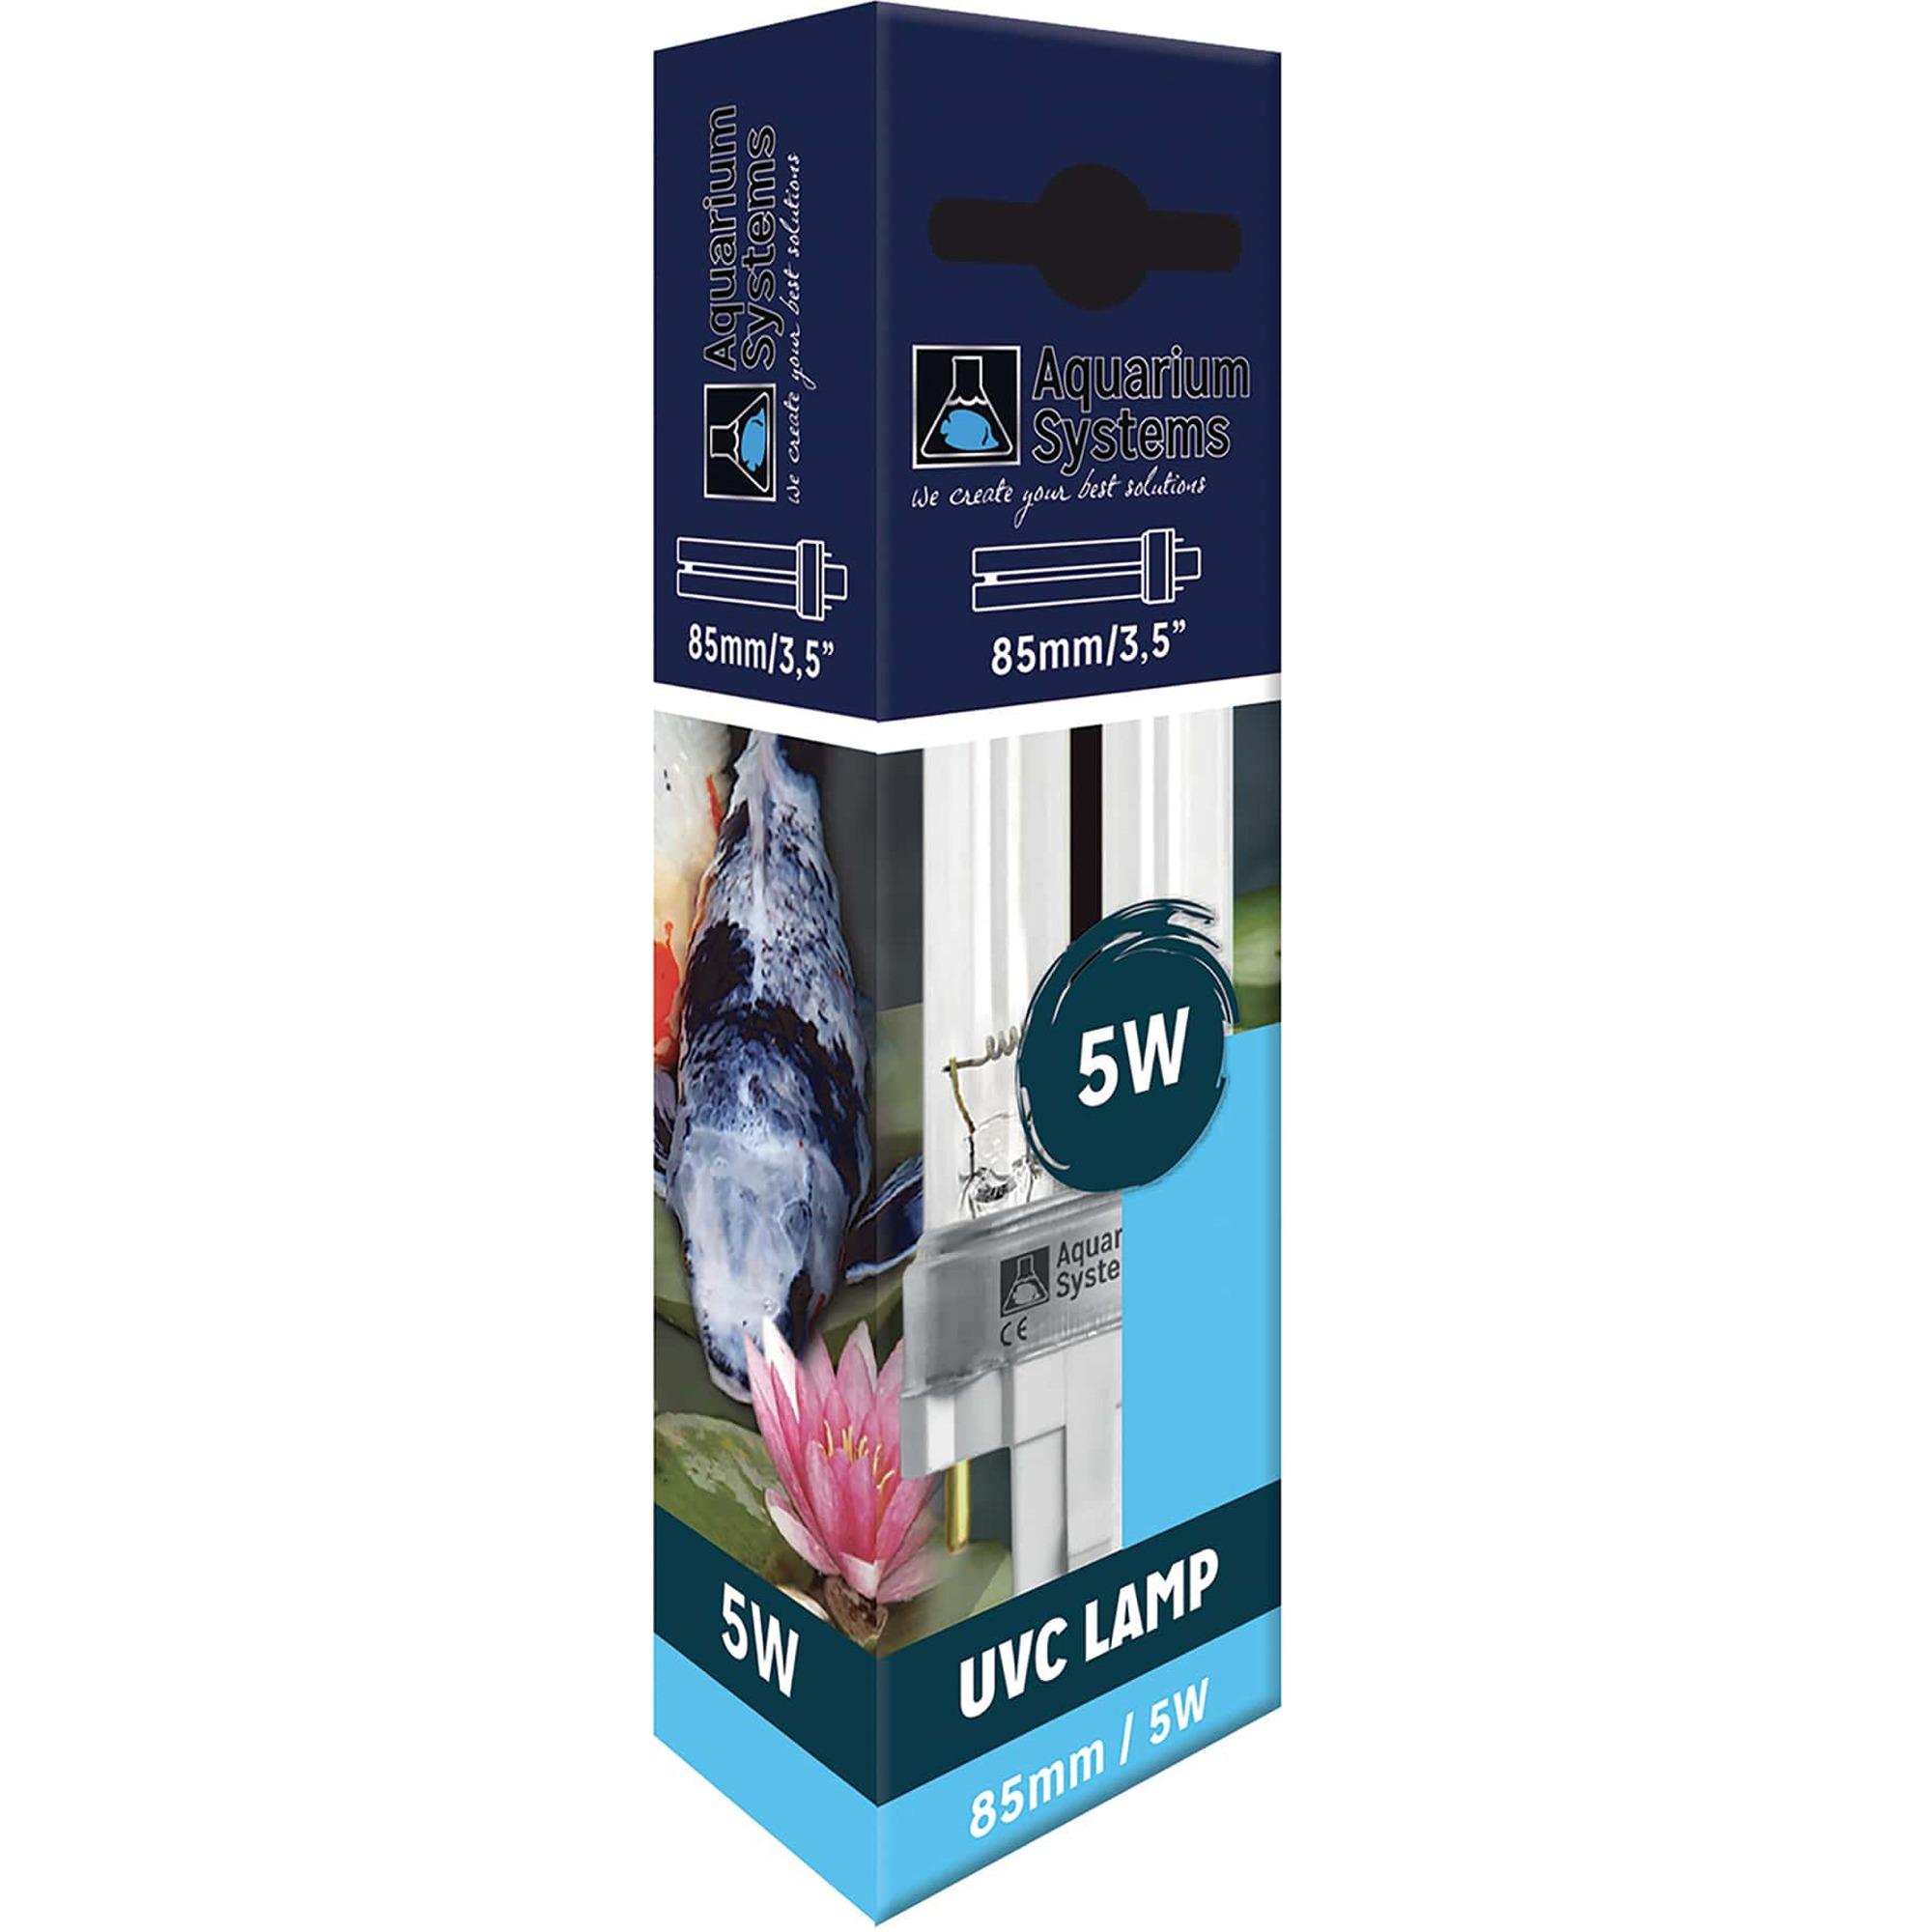 AQUARIUM SYSTEMS UVC Lamp 5W culot G23 ampoule compacte UV-C pour stérilisateur